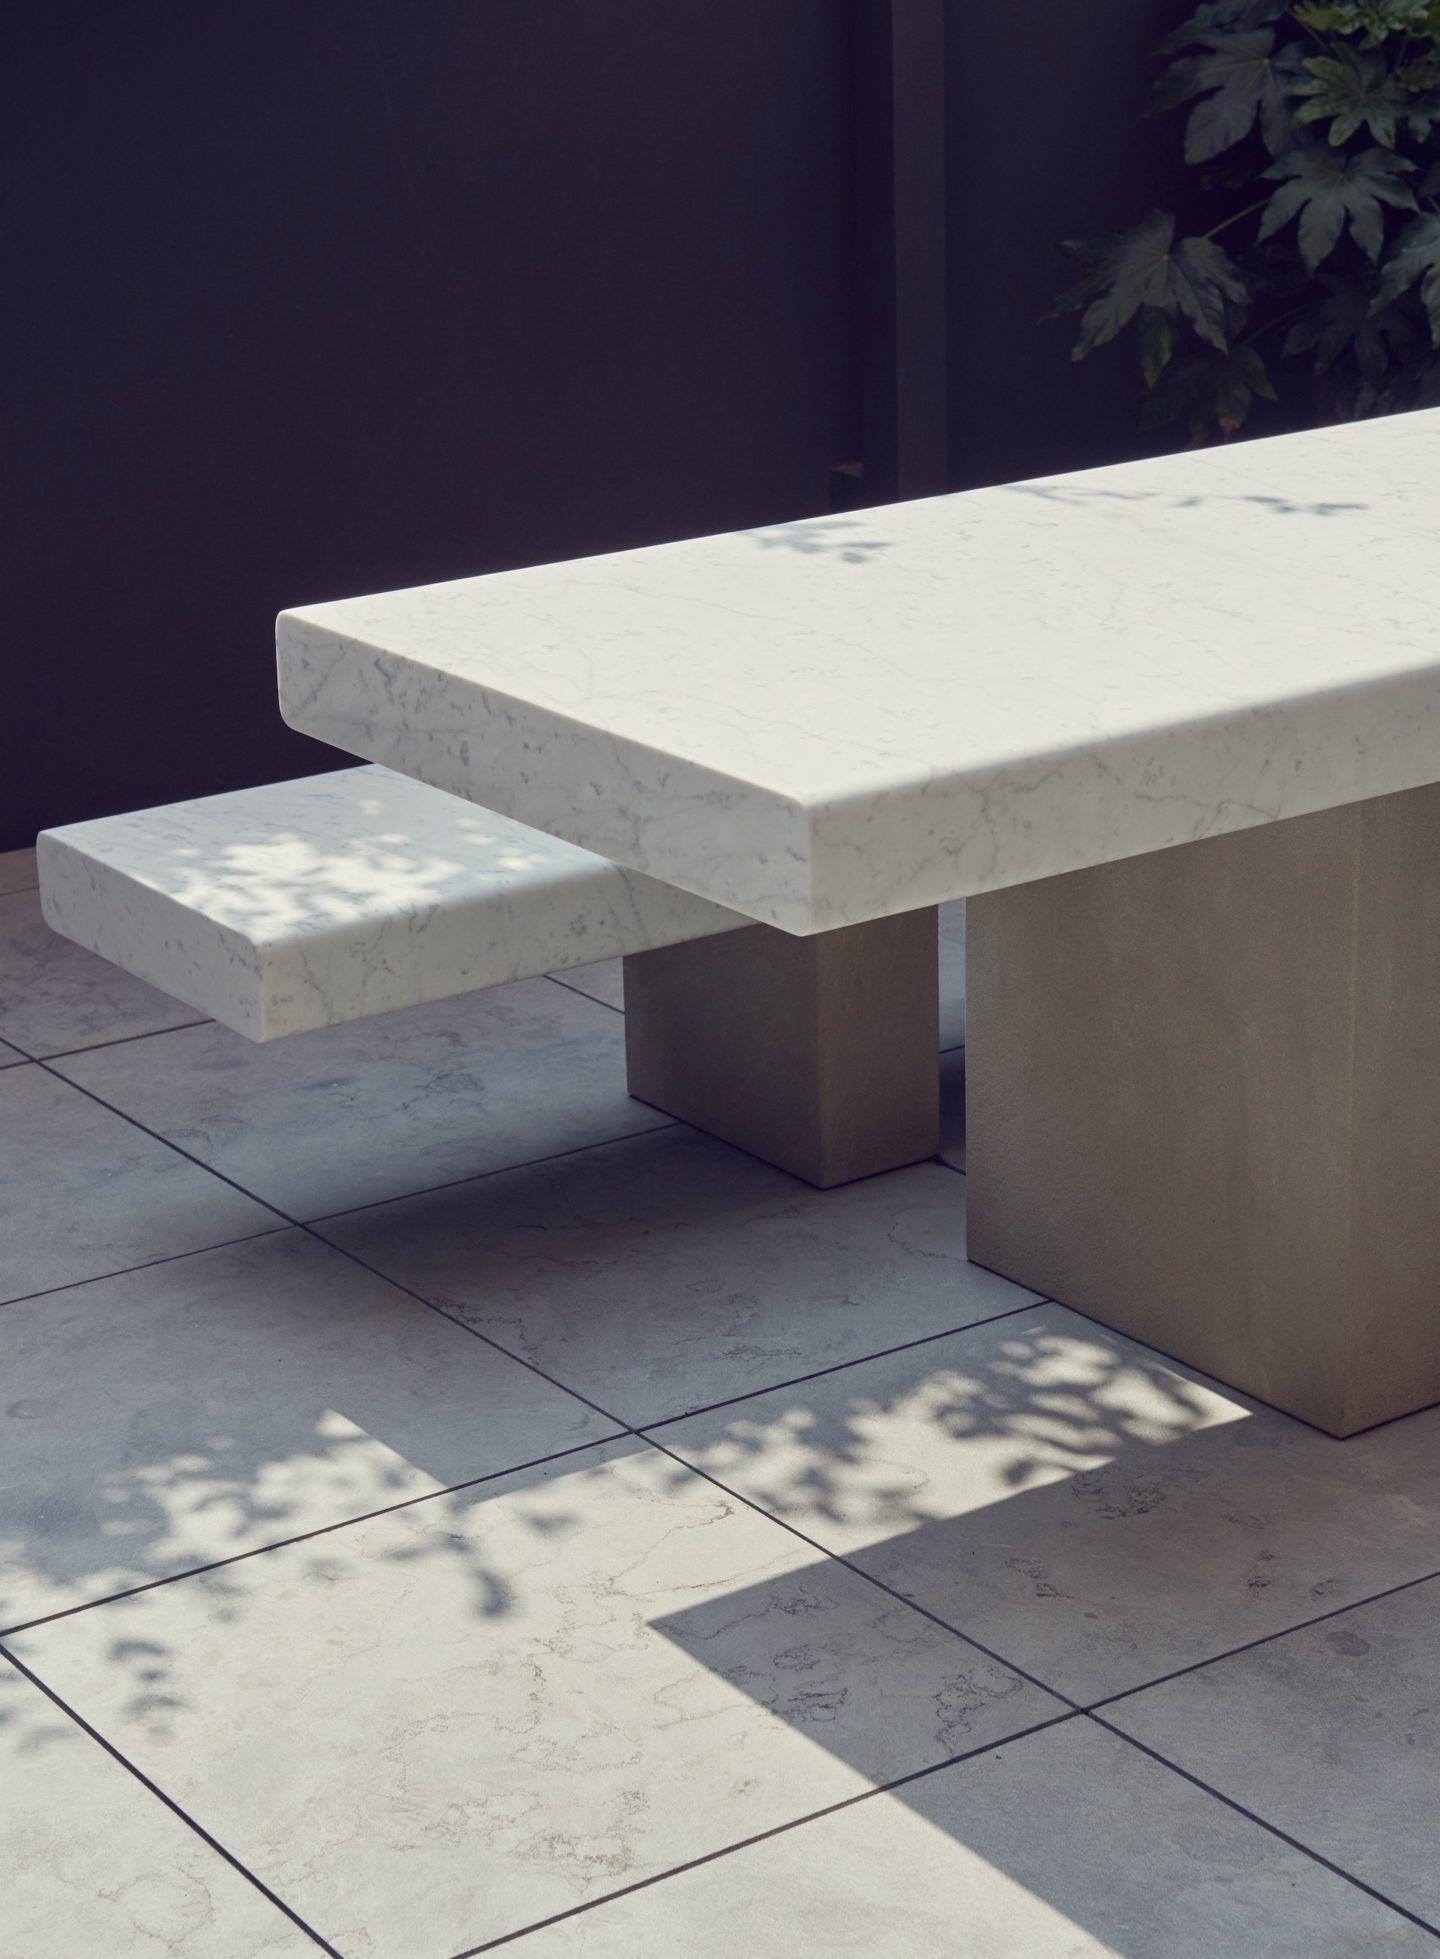 IGNANT-Design-Gabriele-Salvatori-018